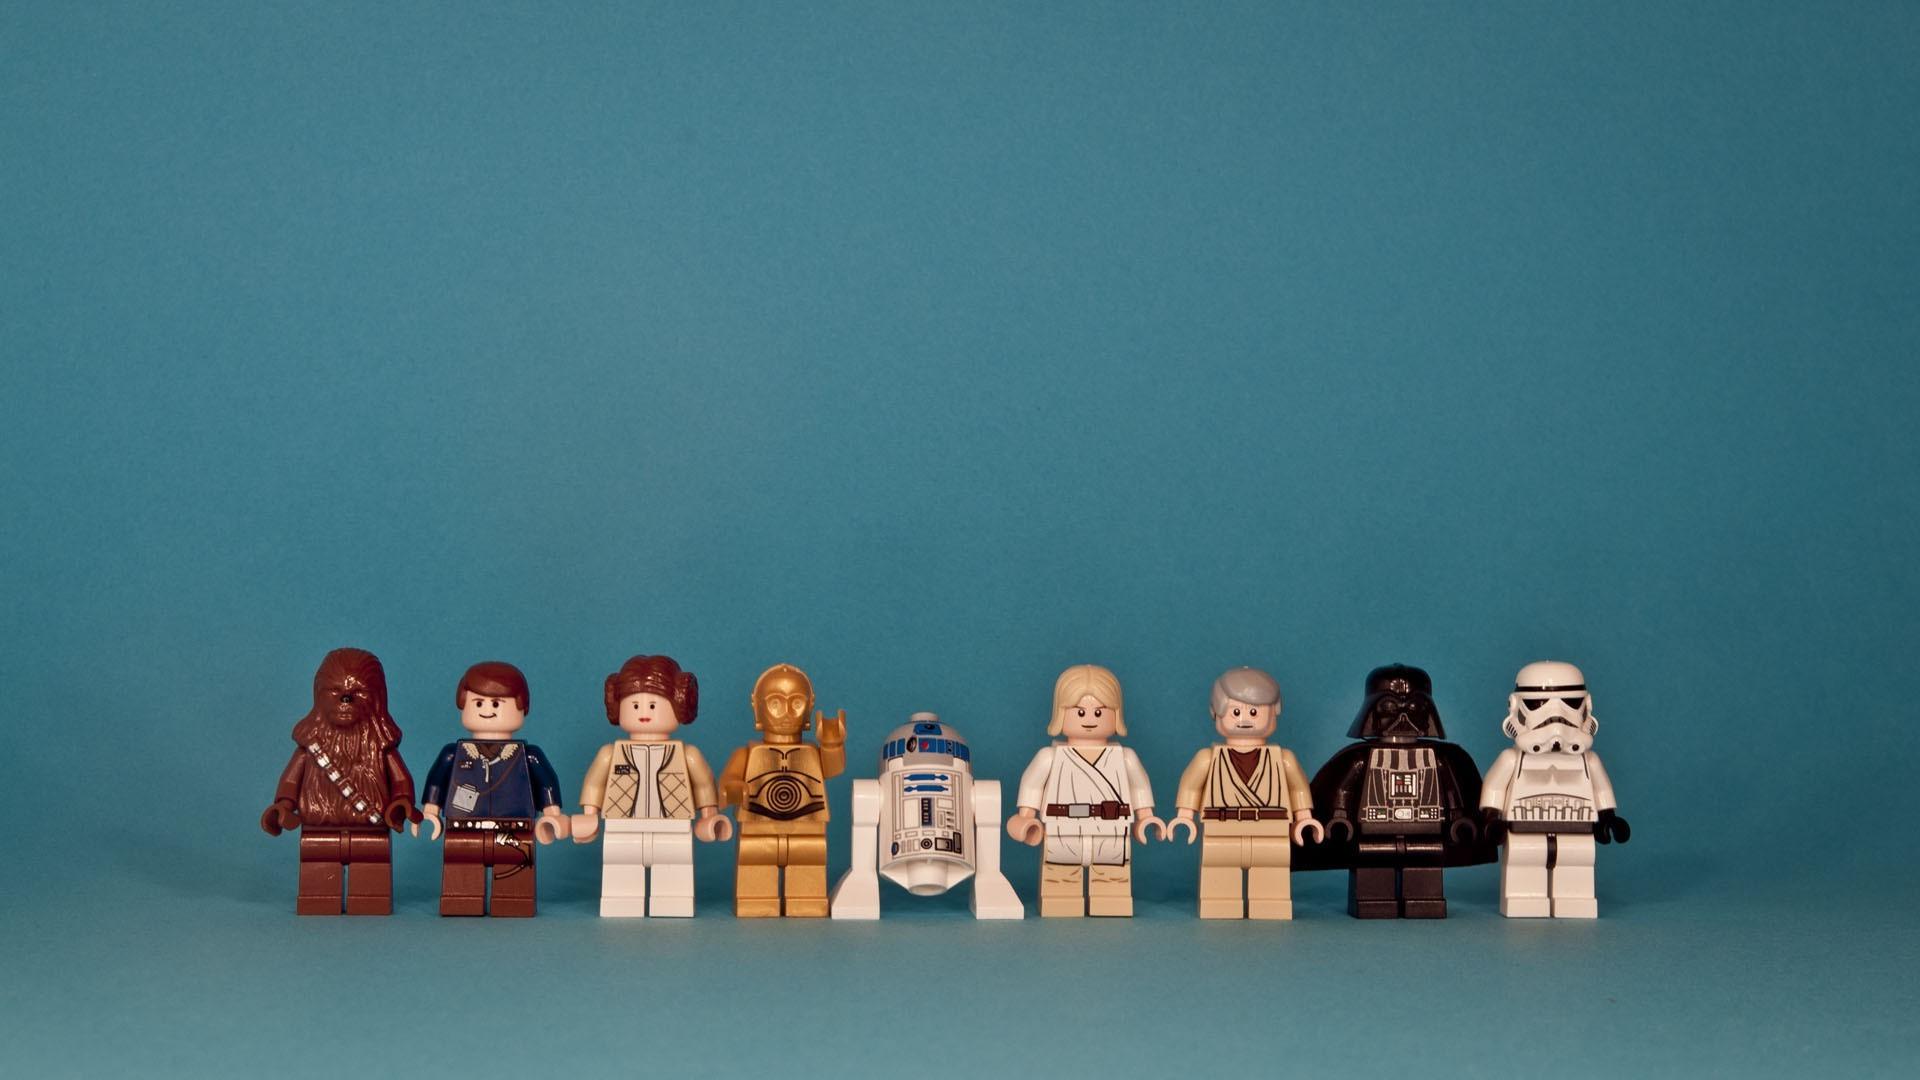 Star Wars Blue LEGO Fun 1920x1080 Px